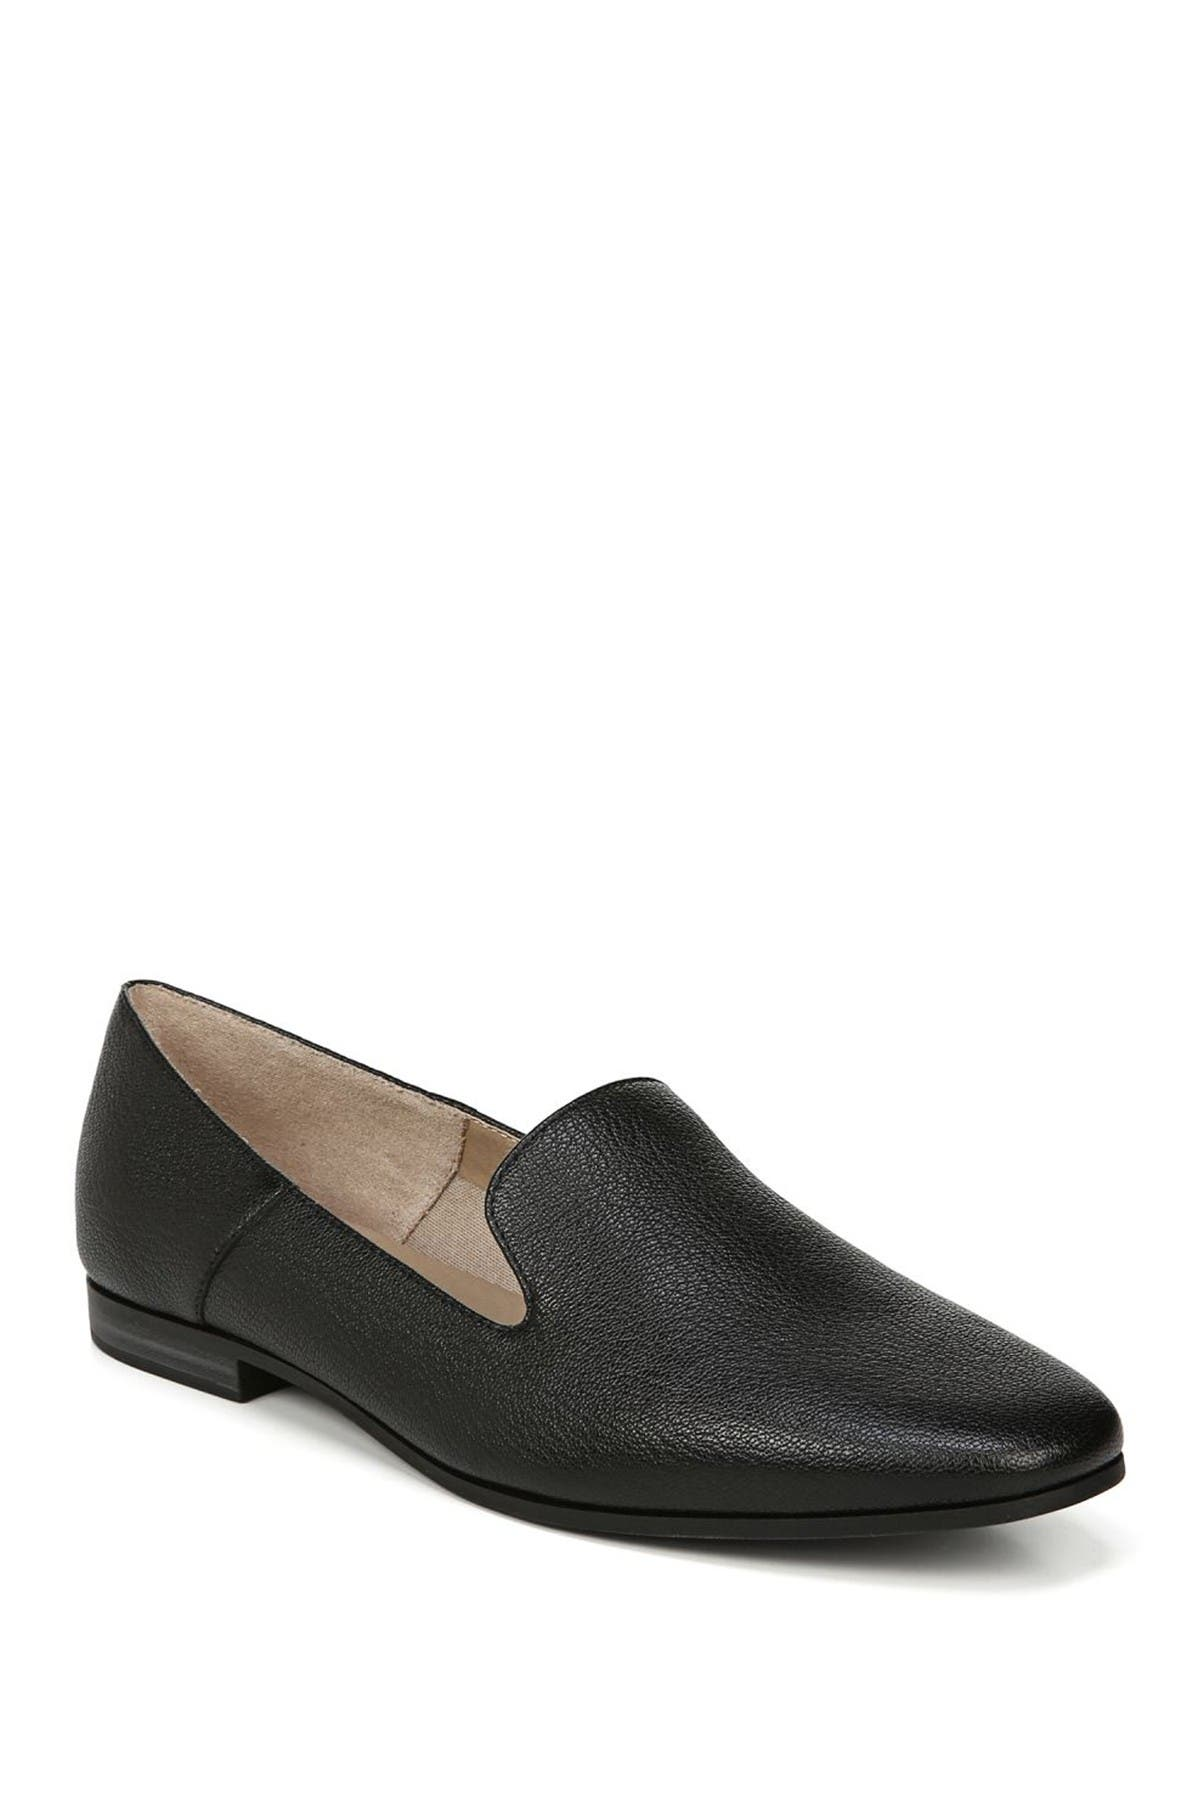 Image of SOUL Naturalizer Janelle Leather Loafer